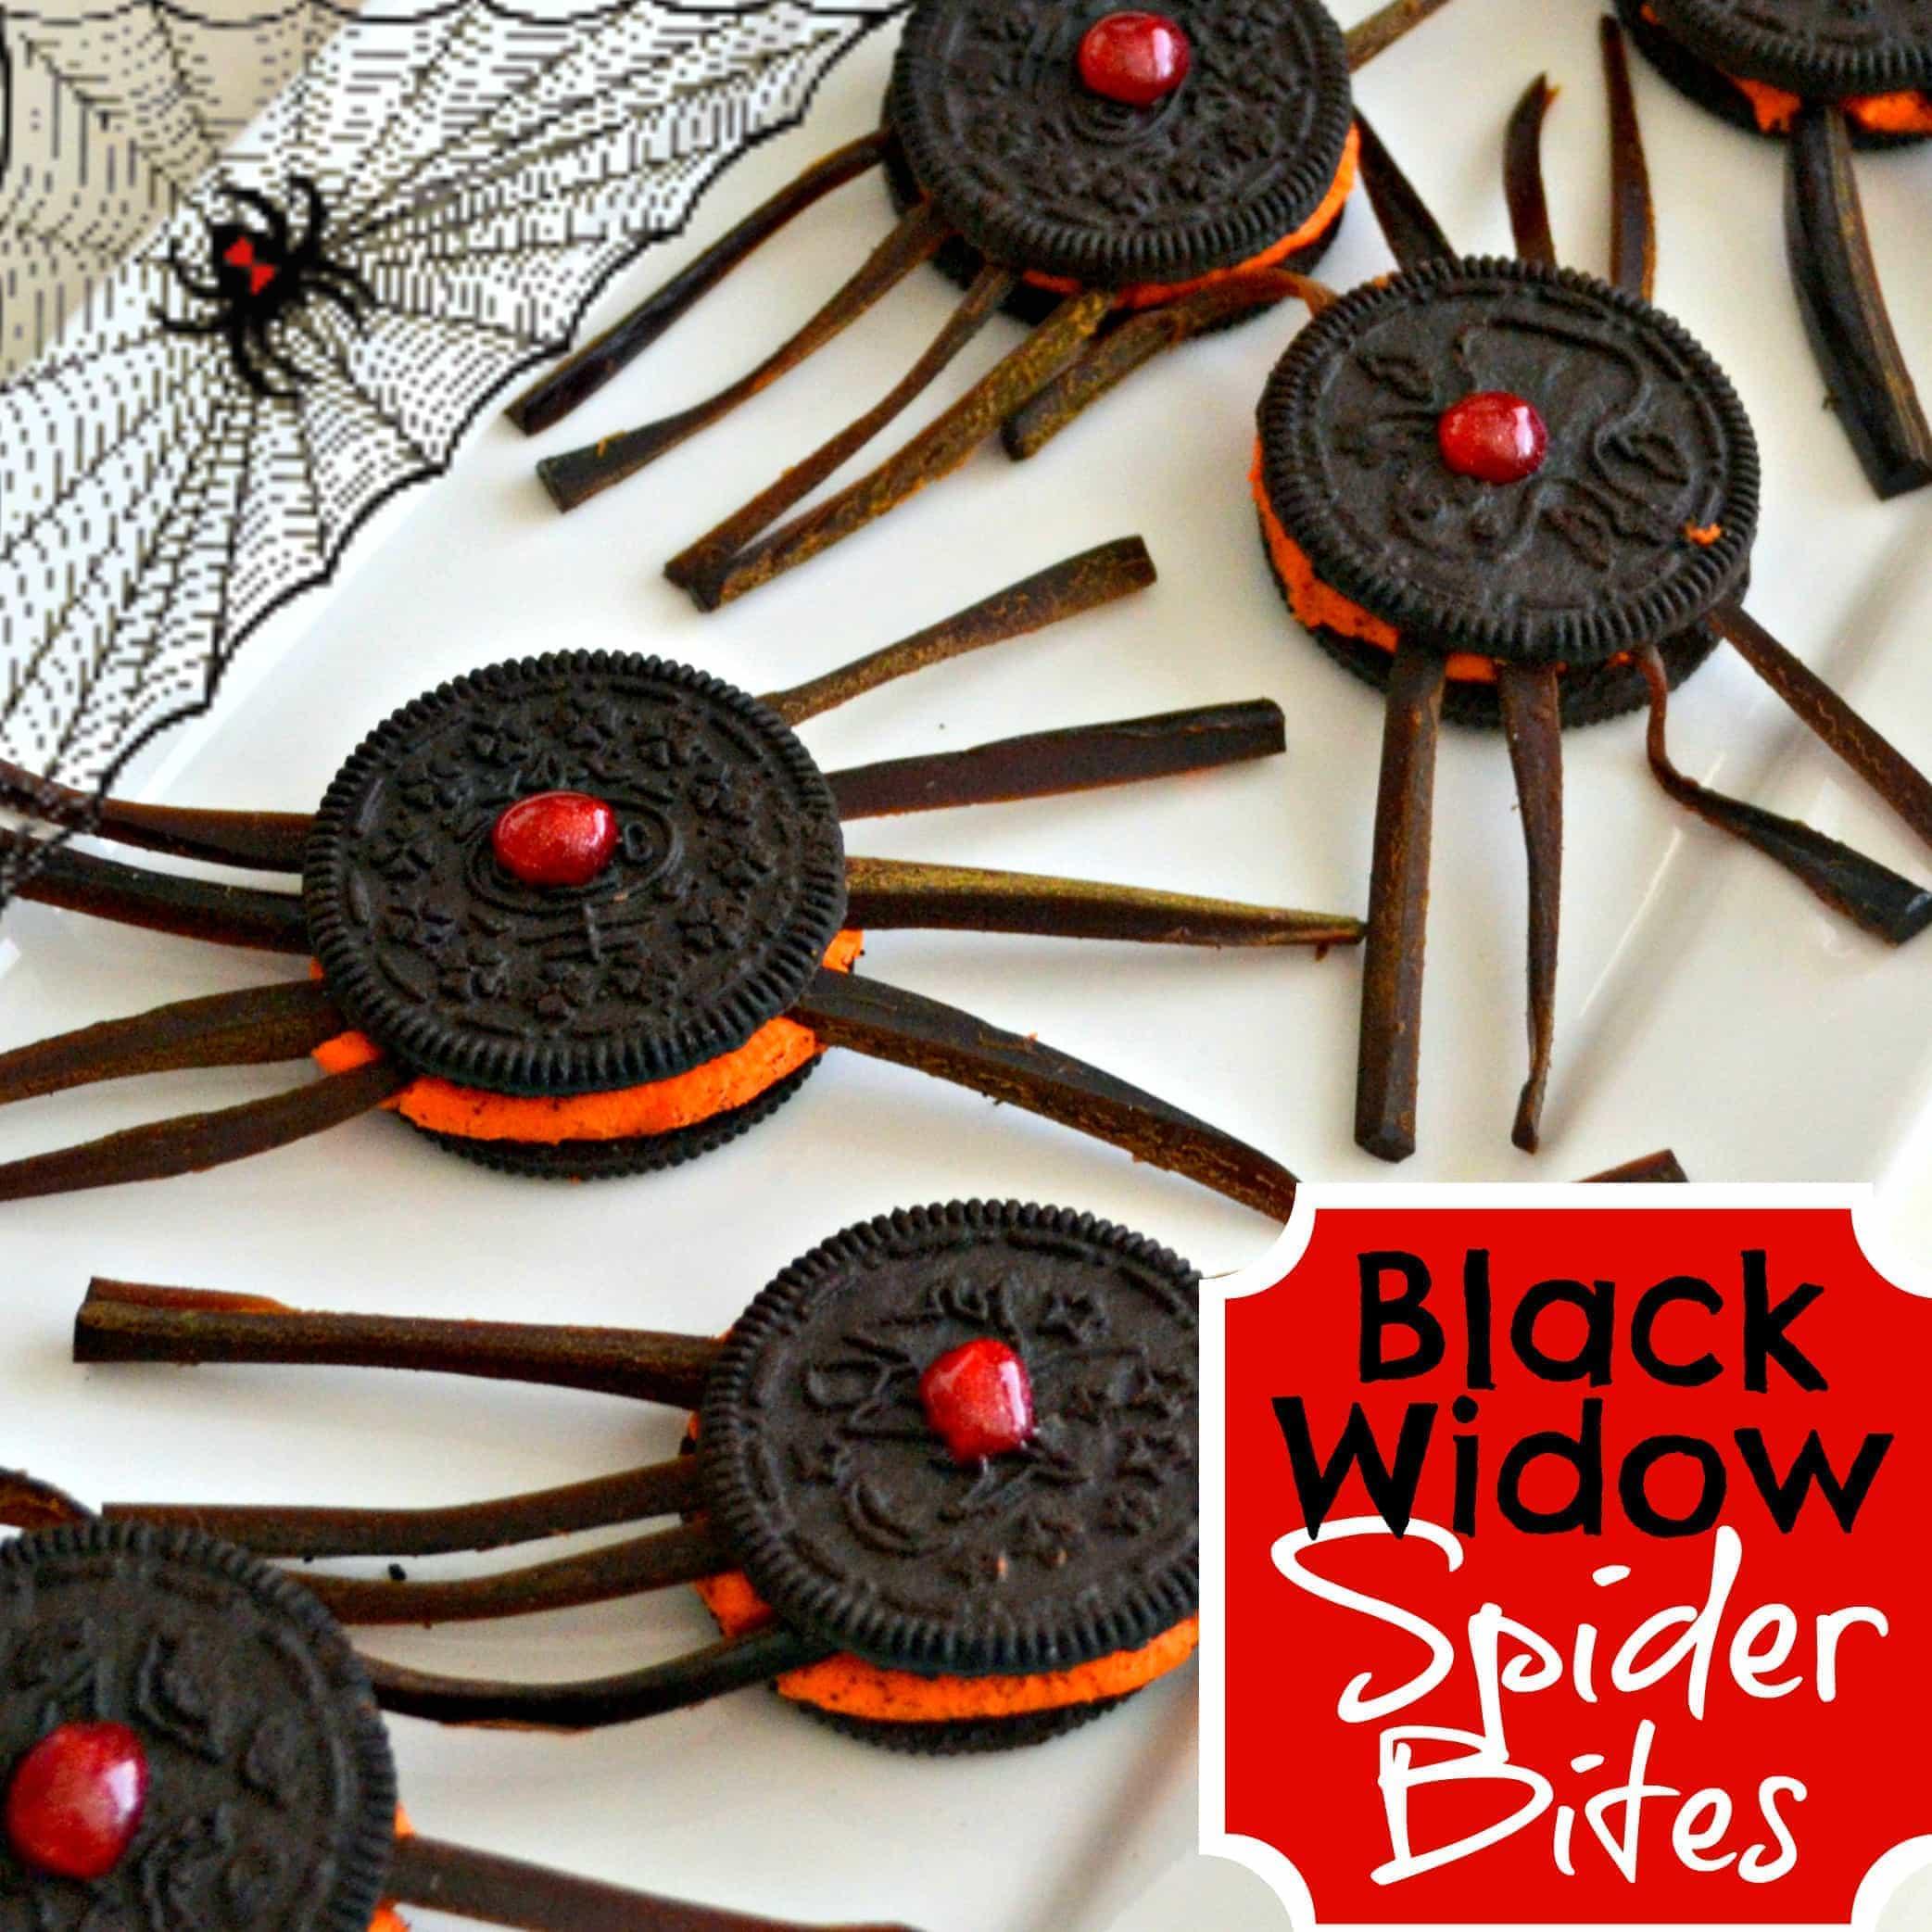 Black Widow Spider Bites